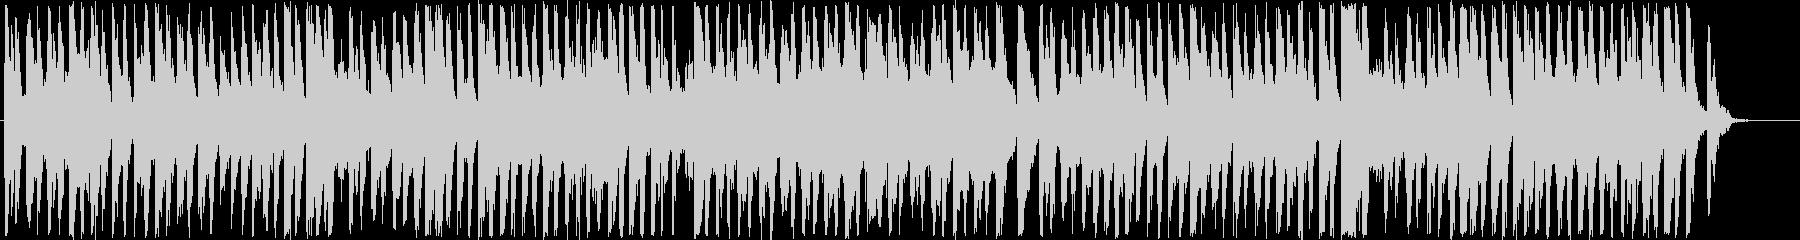 明るくポップでウキウキなアップテンポの音の未再生の波形